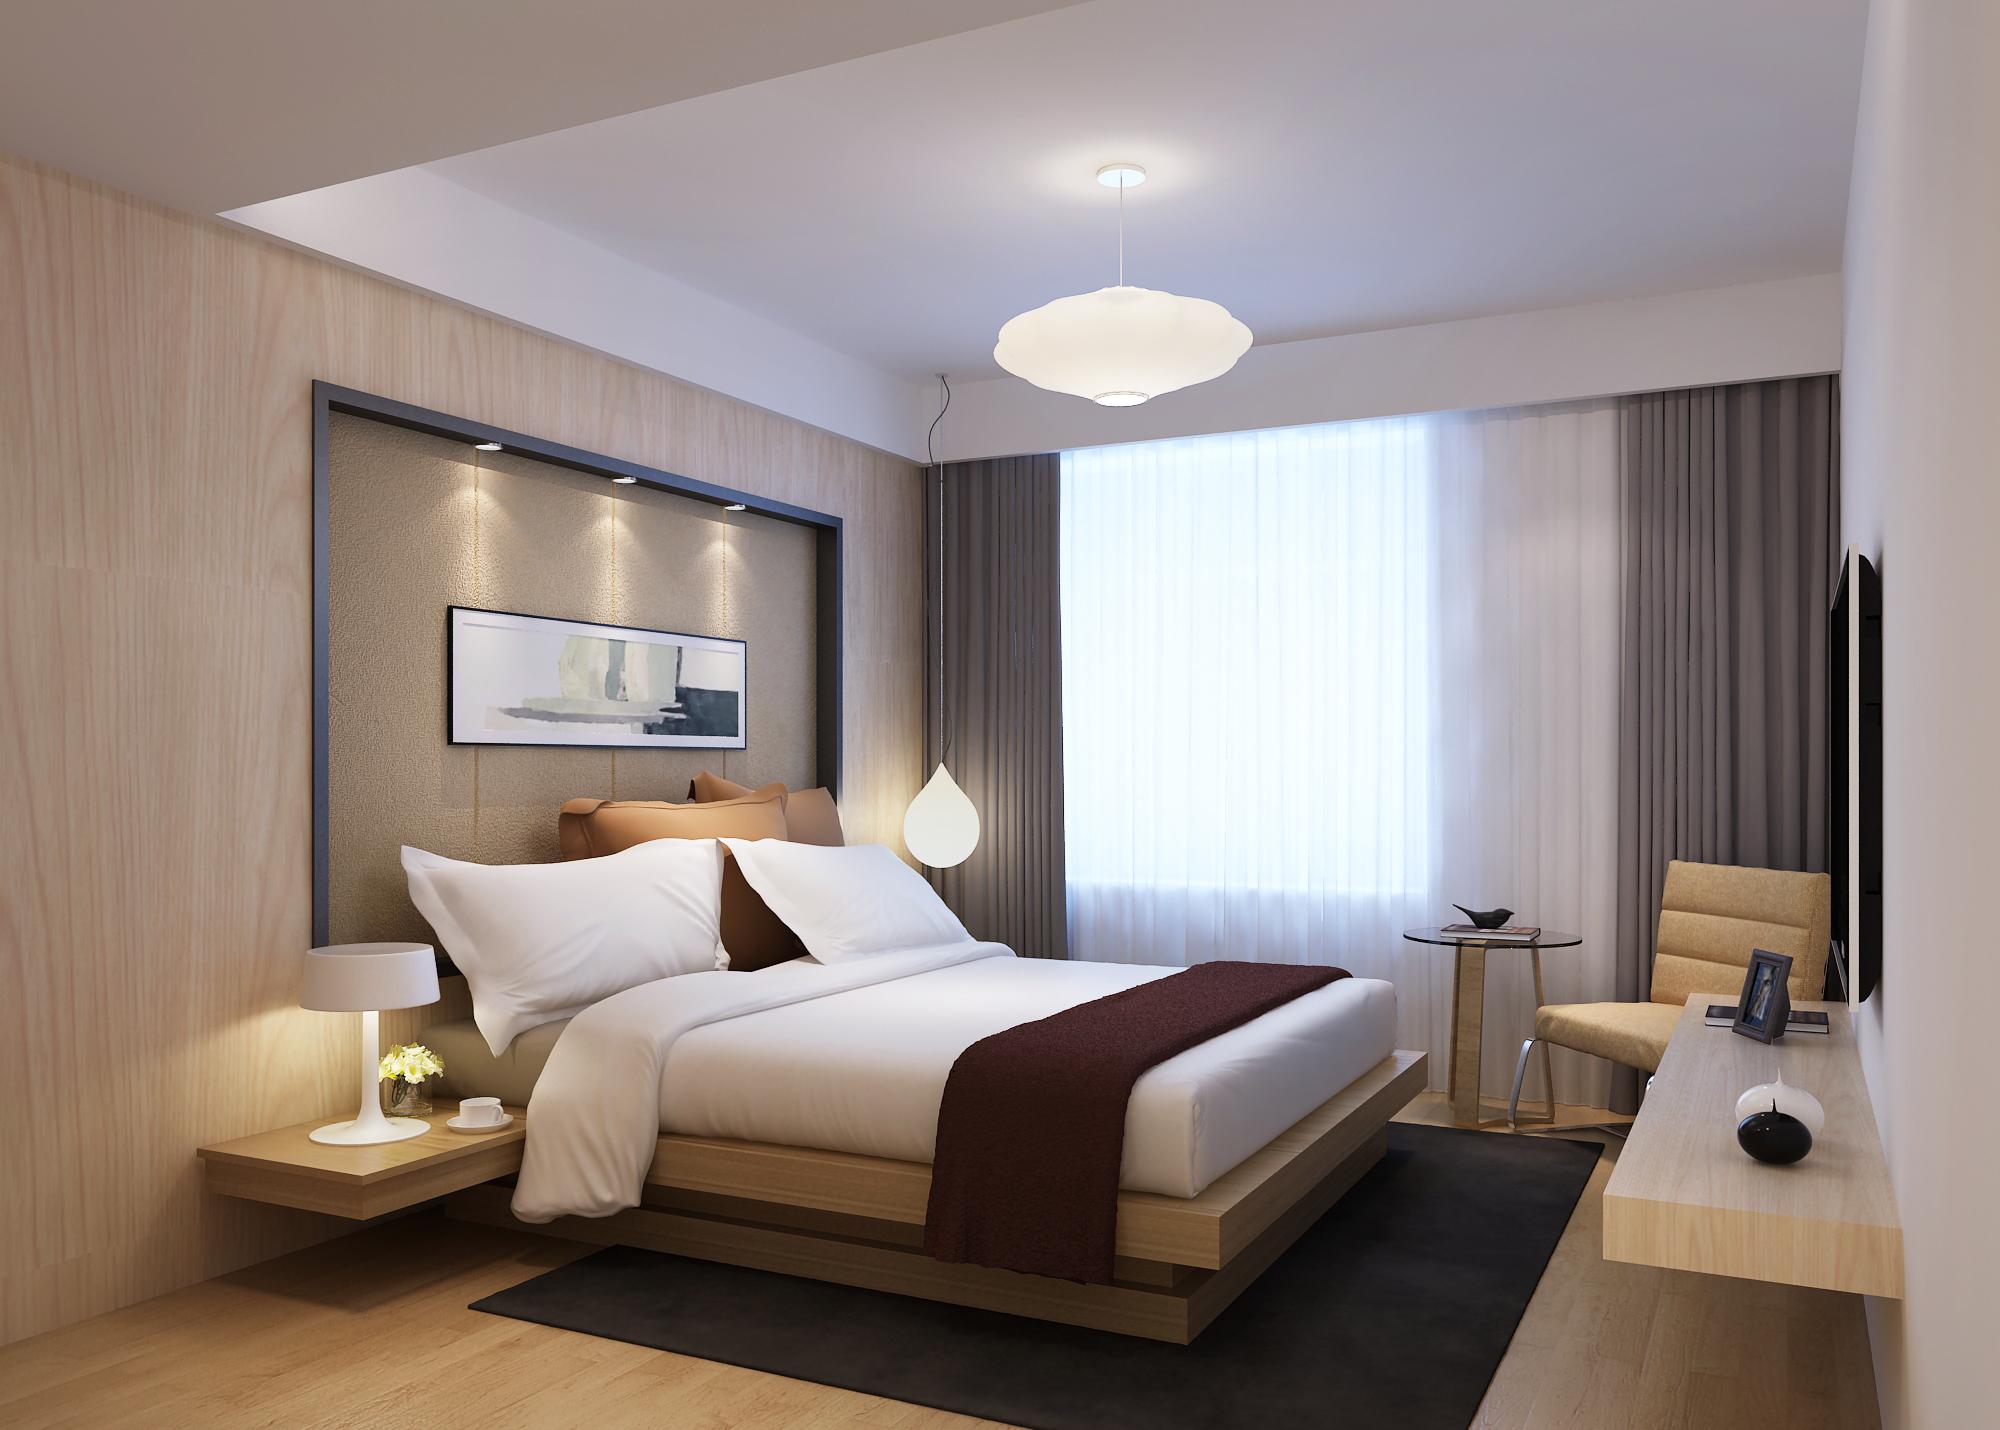 Modern Bedroom 3D Model MAX - CGTrader.com on Model Bedroom Interior Design  id=30342